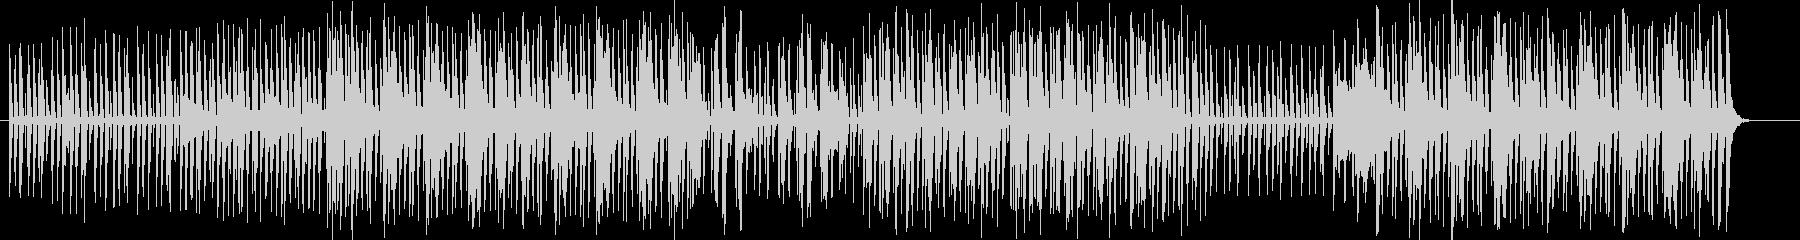 印象的なリズムが特徴的なミュージックの未再生の波形